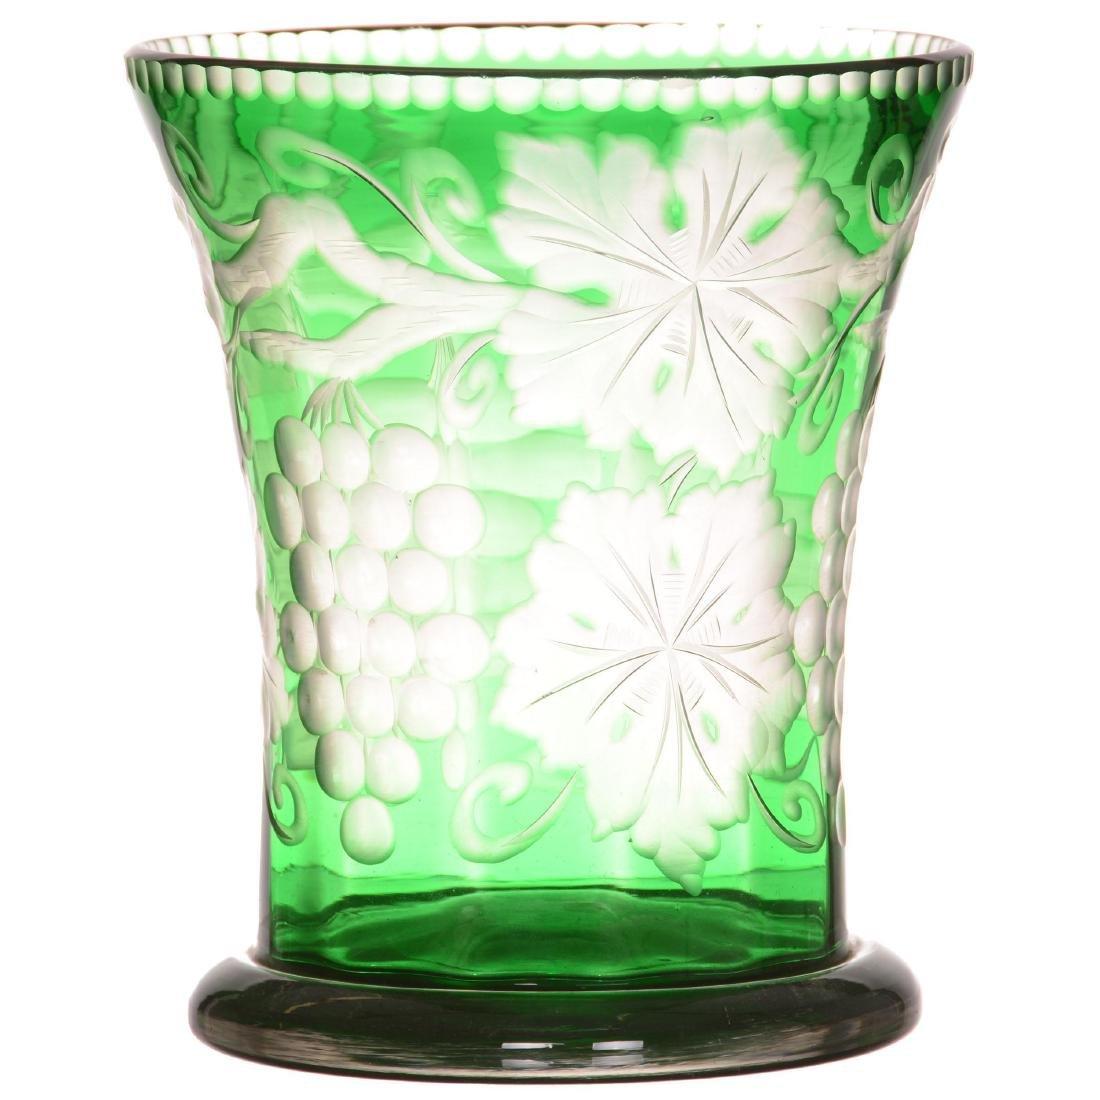 Stevens and Williams Art Glass Vase